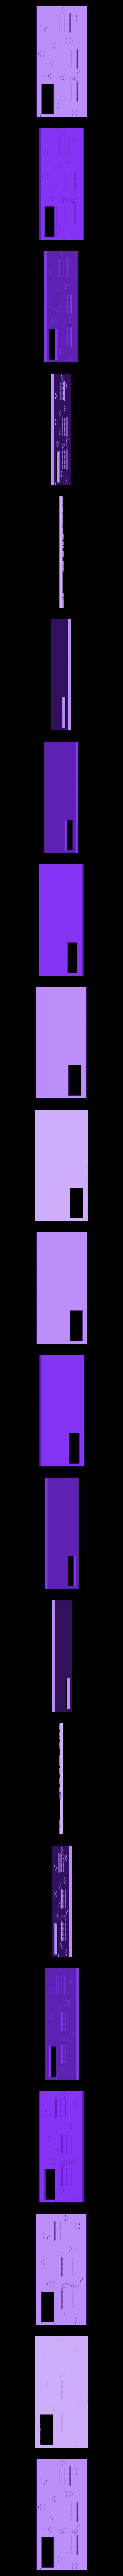 t_terr_fr1_1.stl Télécharger fichier STL gratuit Ripper's London - Maisons à haute hauteur • Design pour imprimante 3D, Earsling